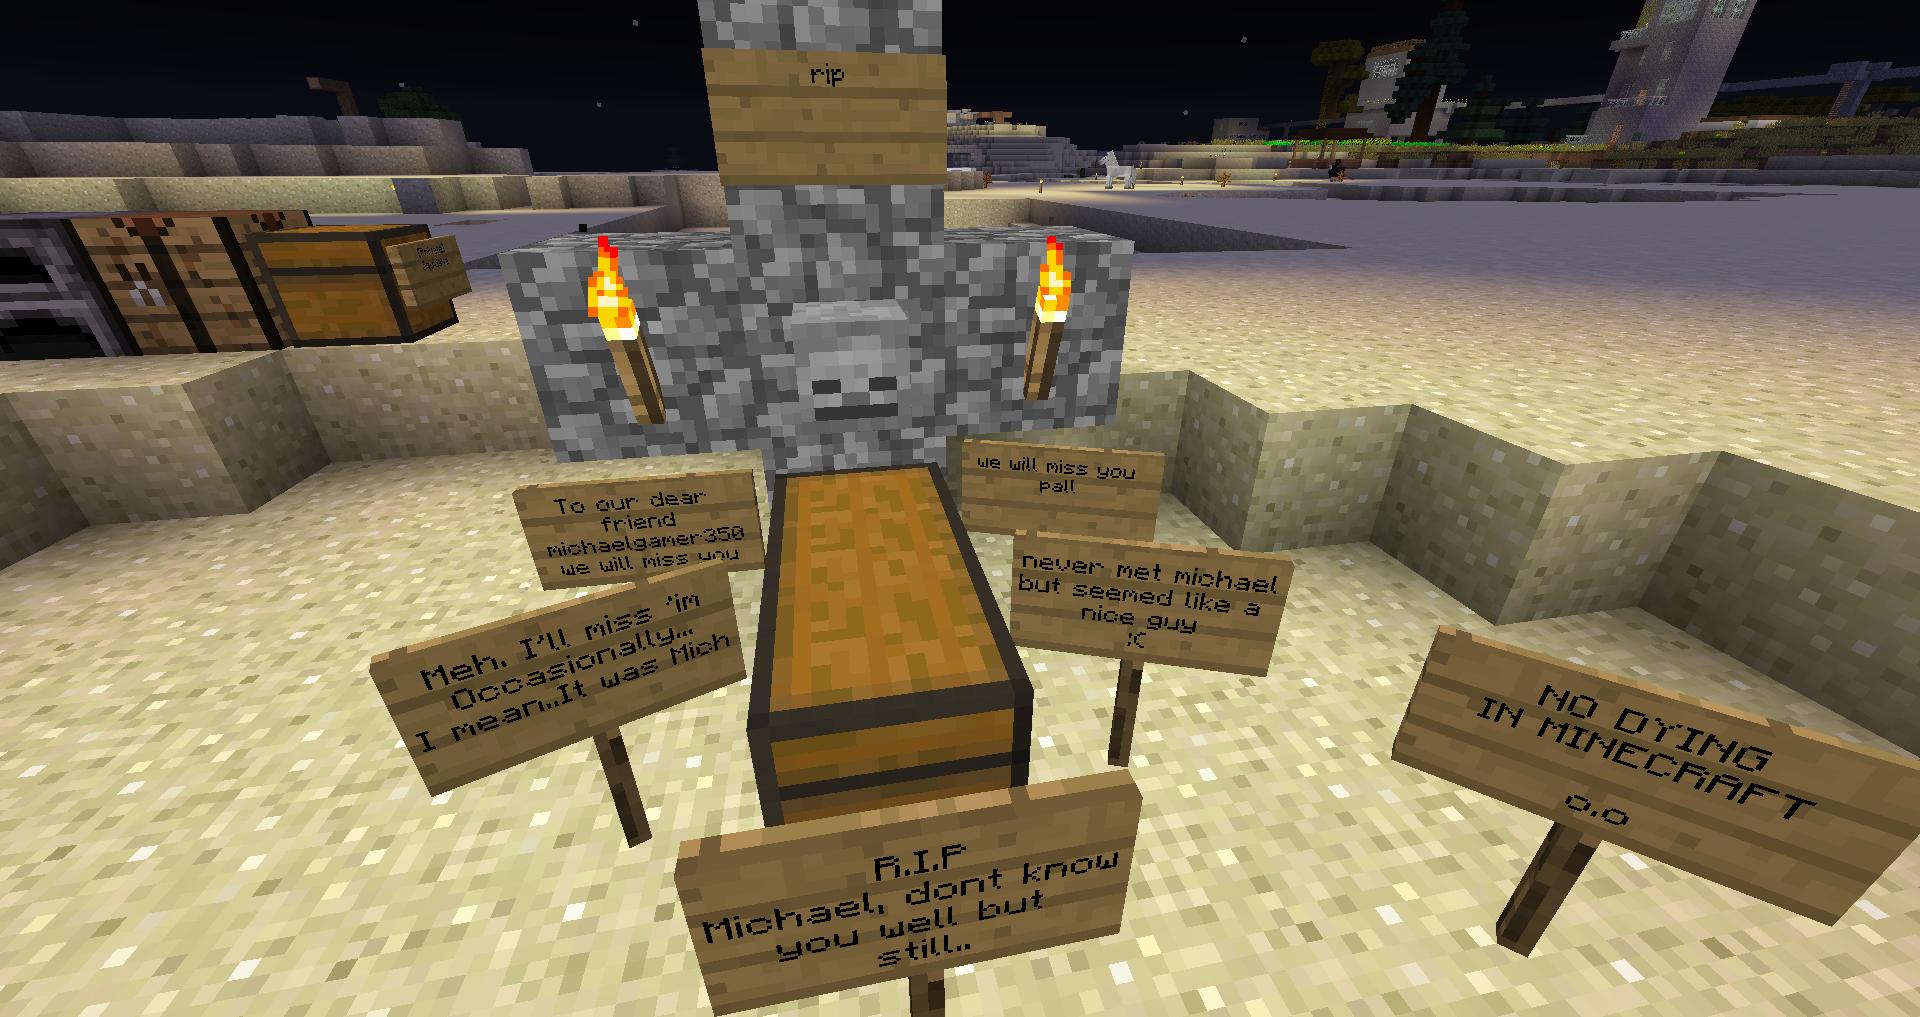 MinecraftNerd Veröffentlicht Die Dunklen Geheimnisse Seiner - Minecraft spieler suchen